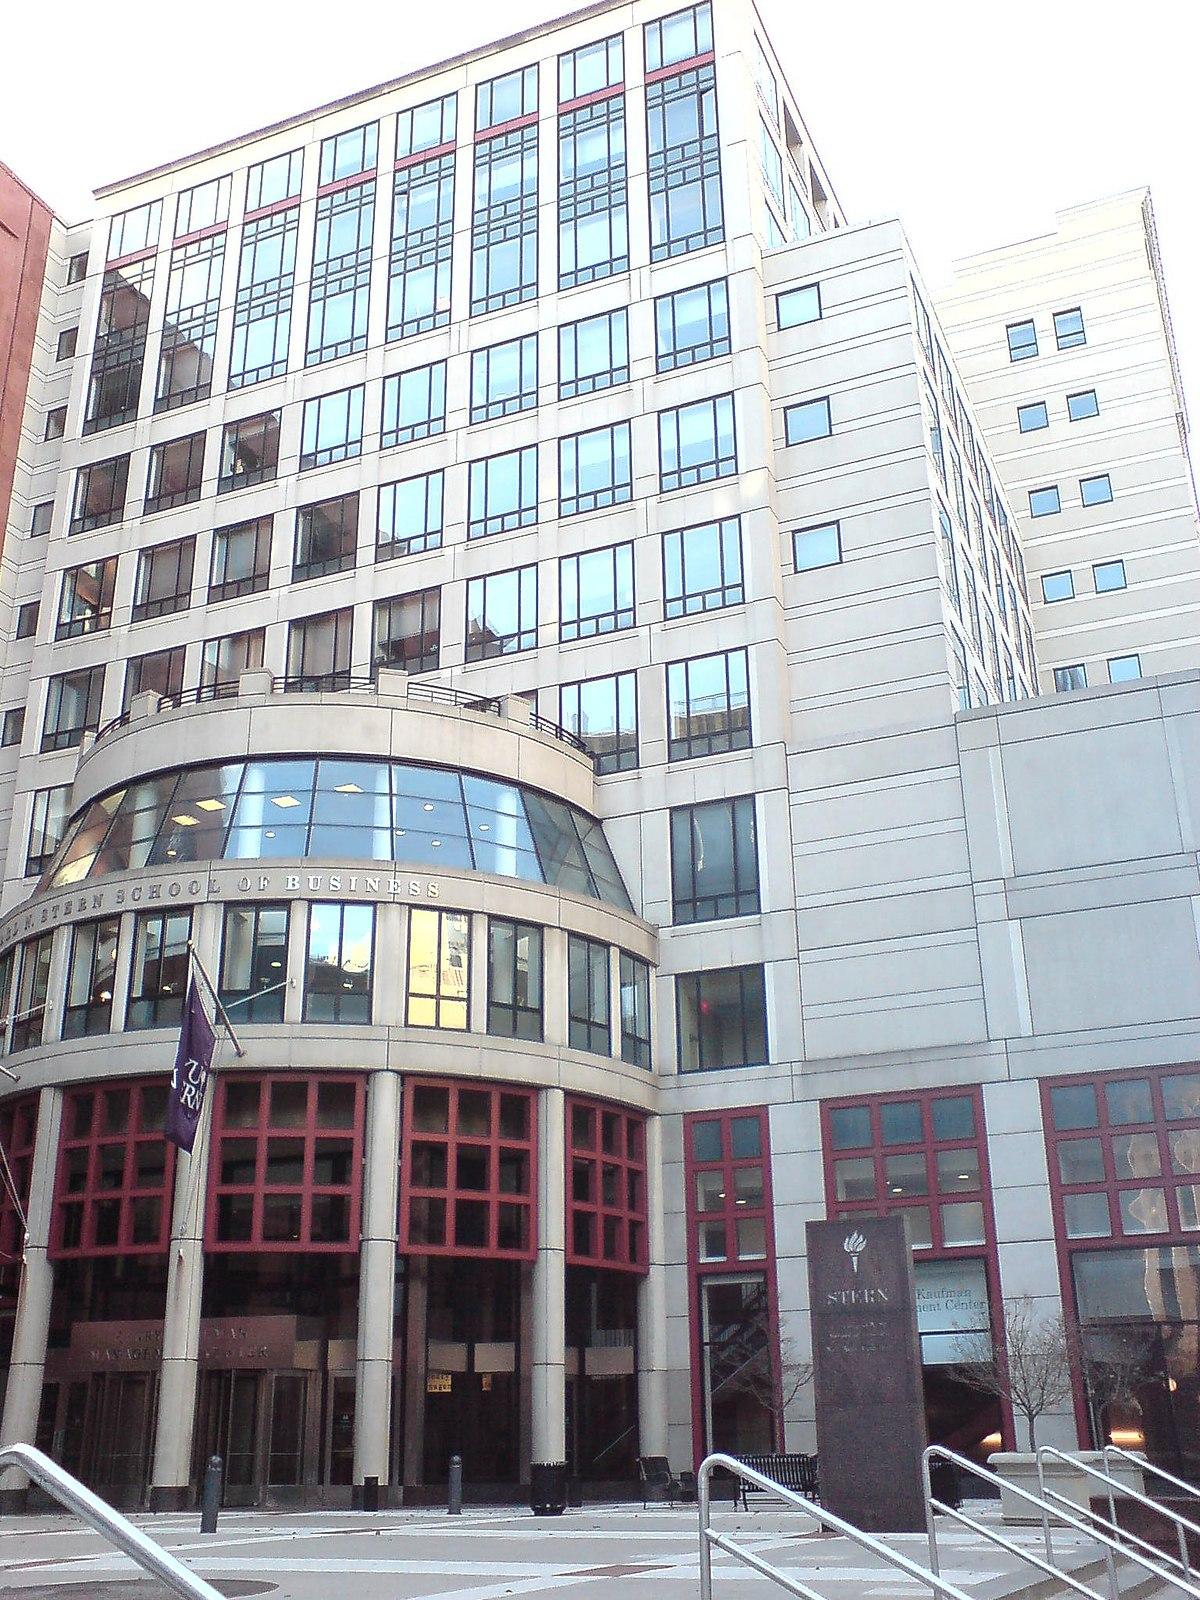 Stern School Of Business Wikipedia